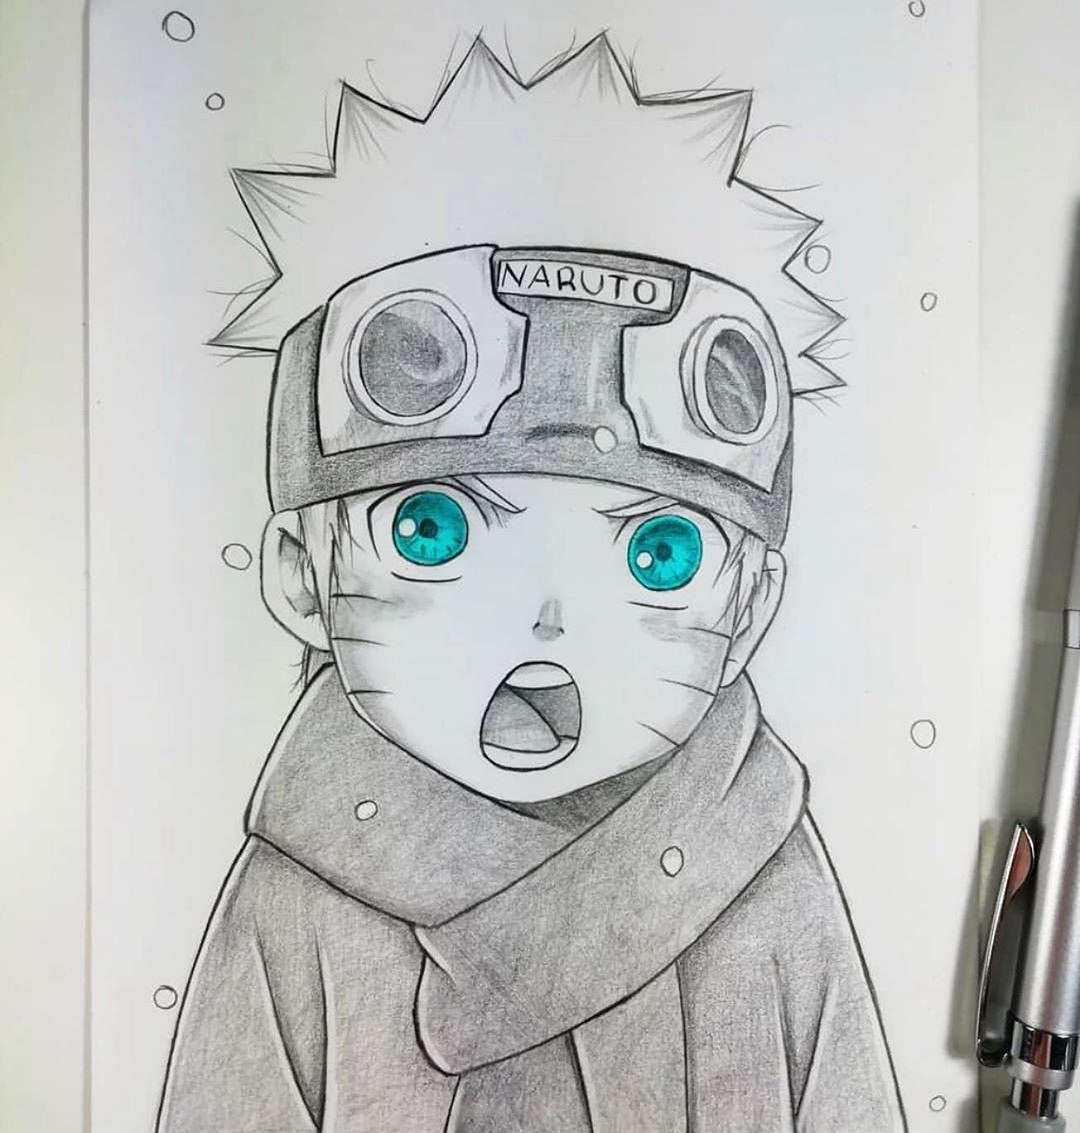 Descubra Como Desenhar Seus Animes Favoritos Em Uma Semana Clique 2x Nessa Imagem Para Saber Mais Em 2020 Naruto E Sasuke Desenho Desenho De Anime Naruto Fofo